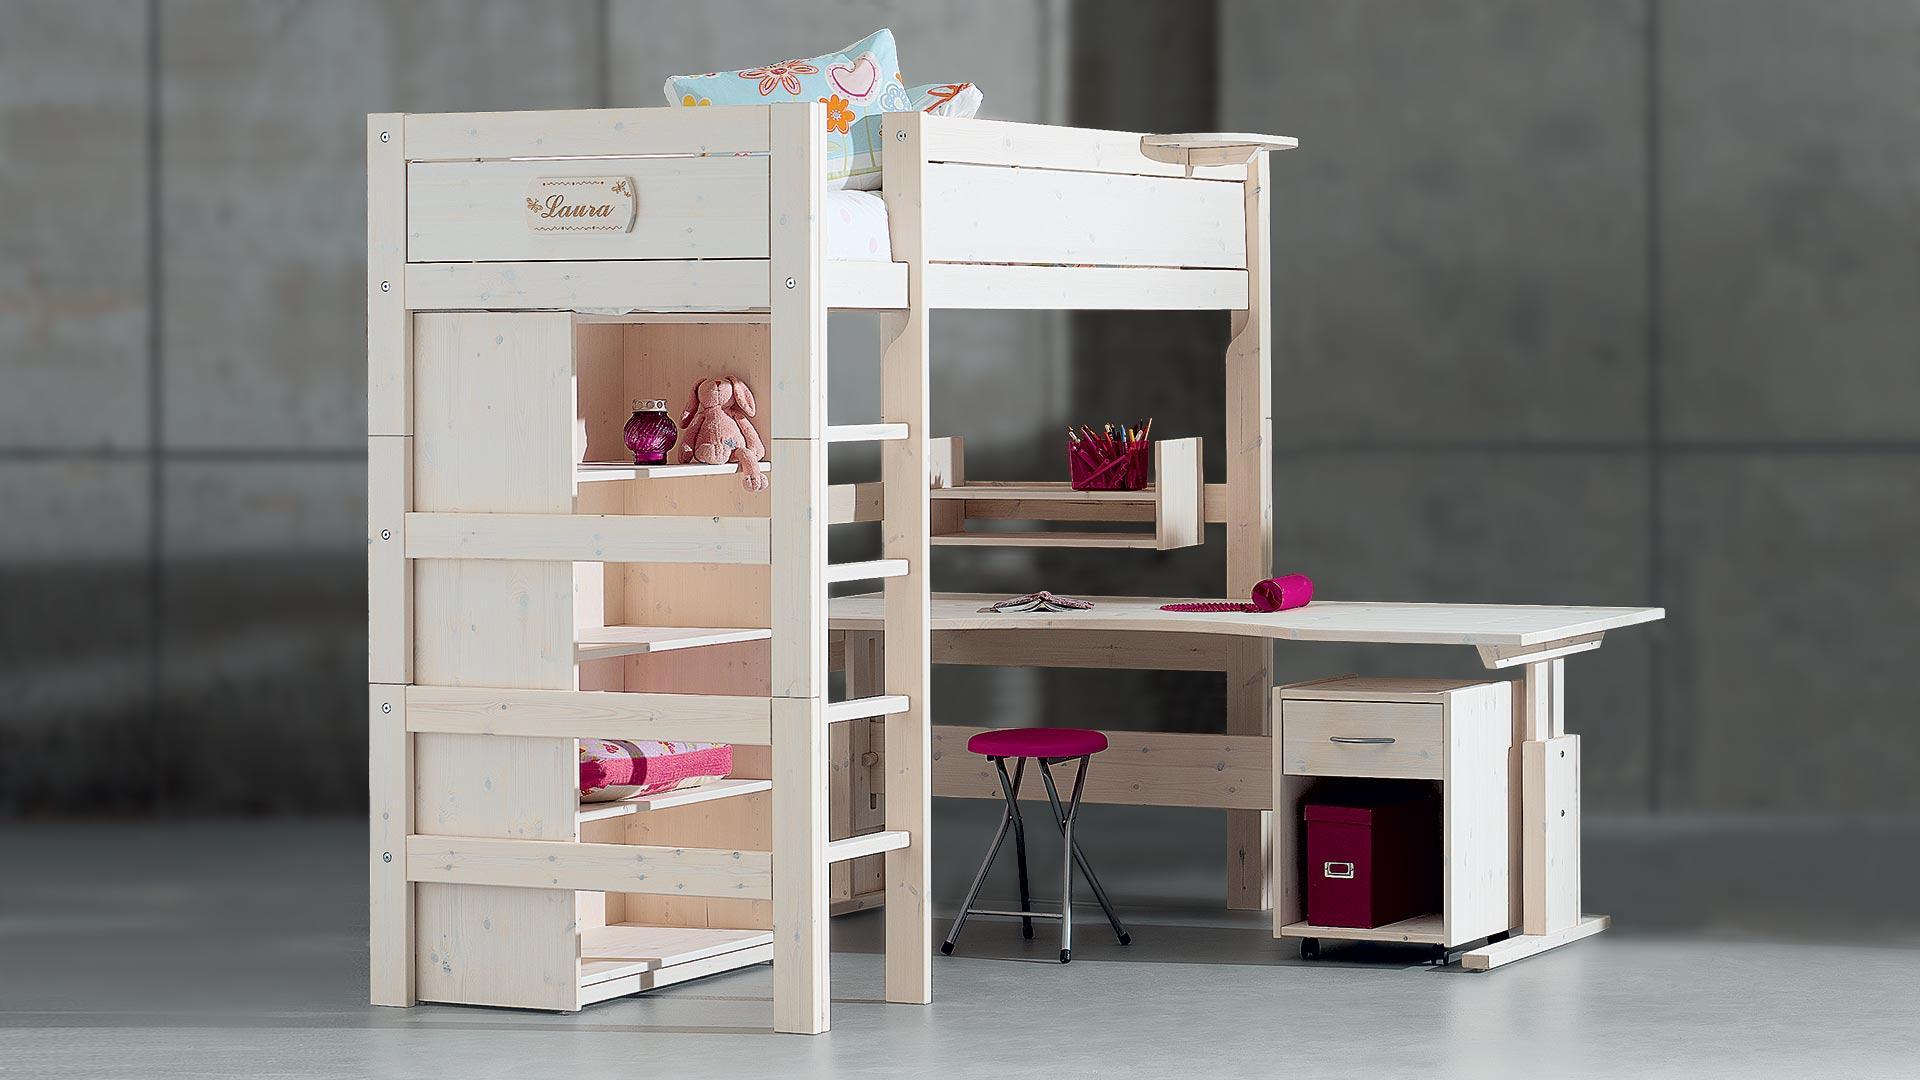 Etagenbett Hoch : Hochbetten für das kinderzimmer u erfahrungswerte